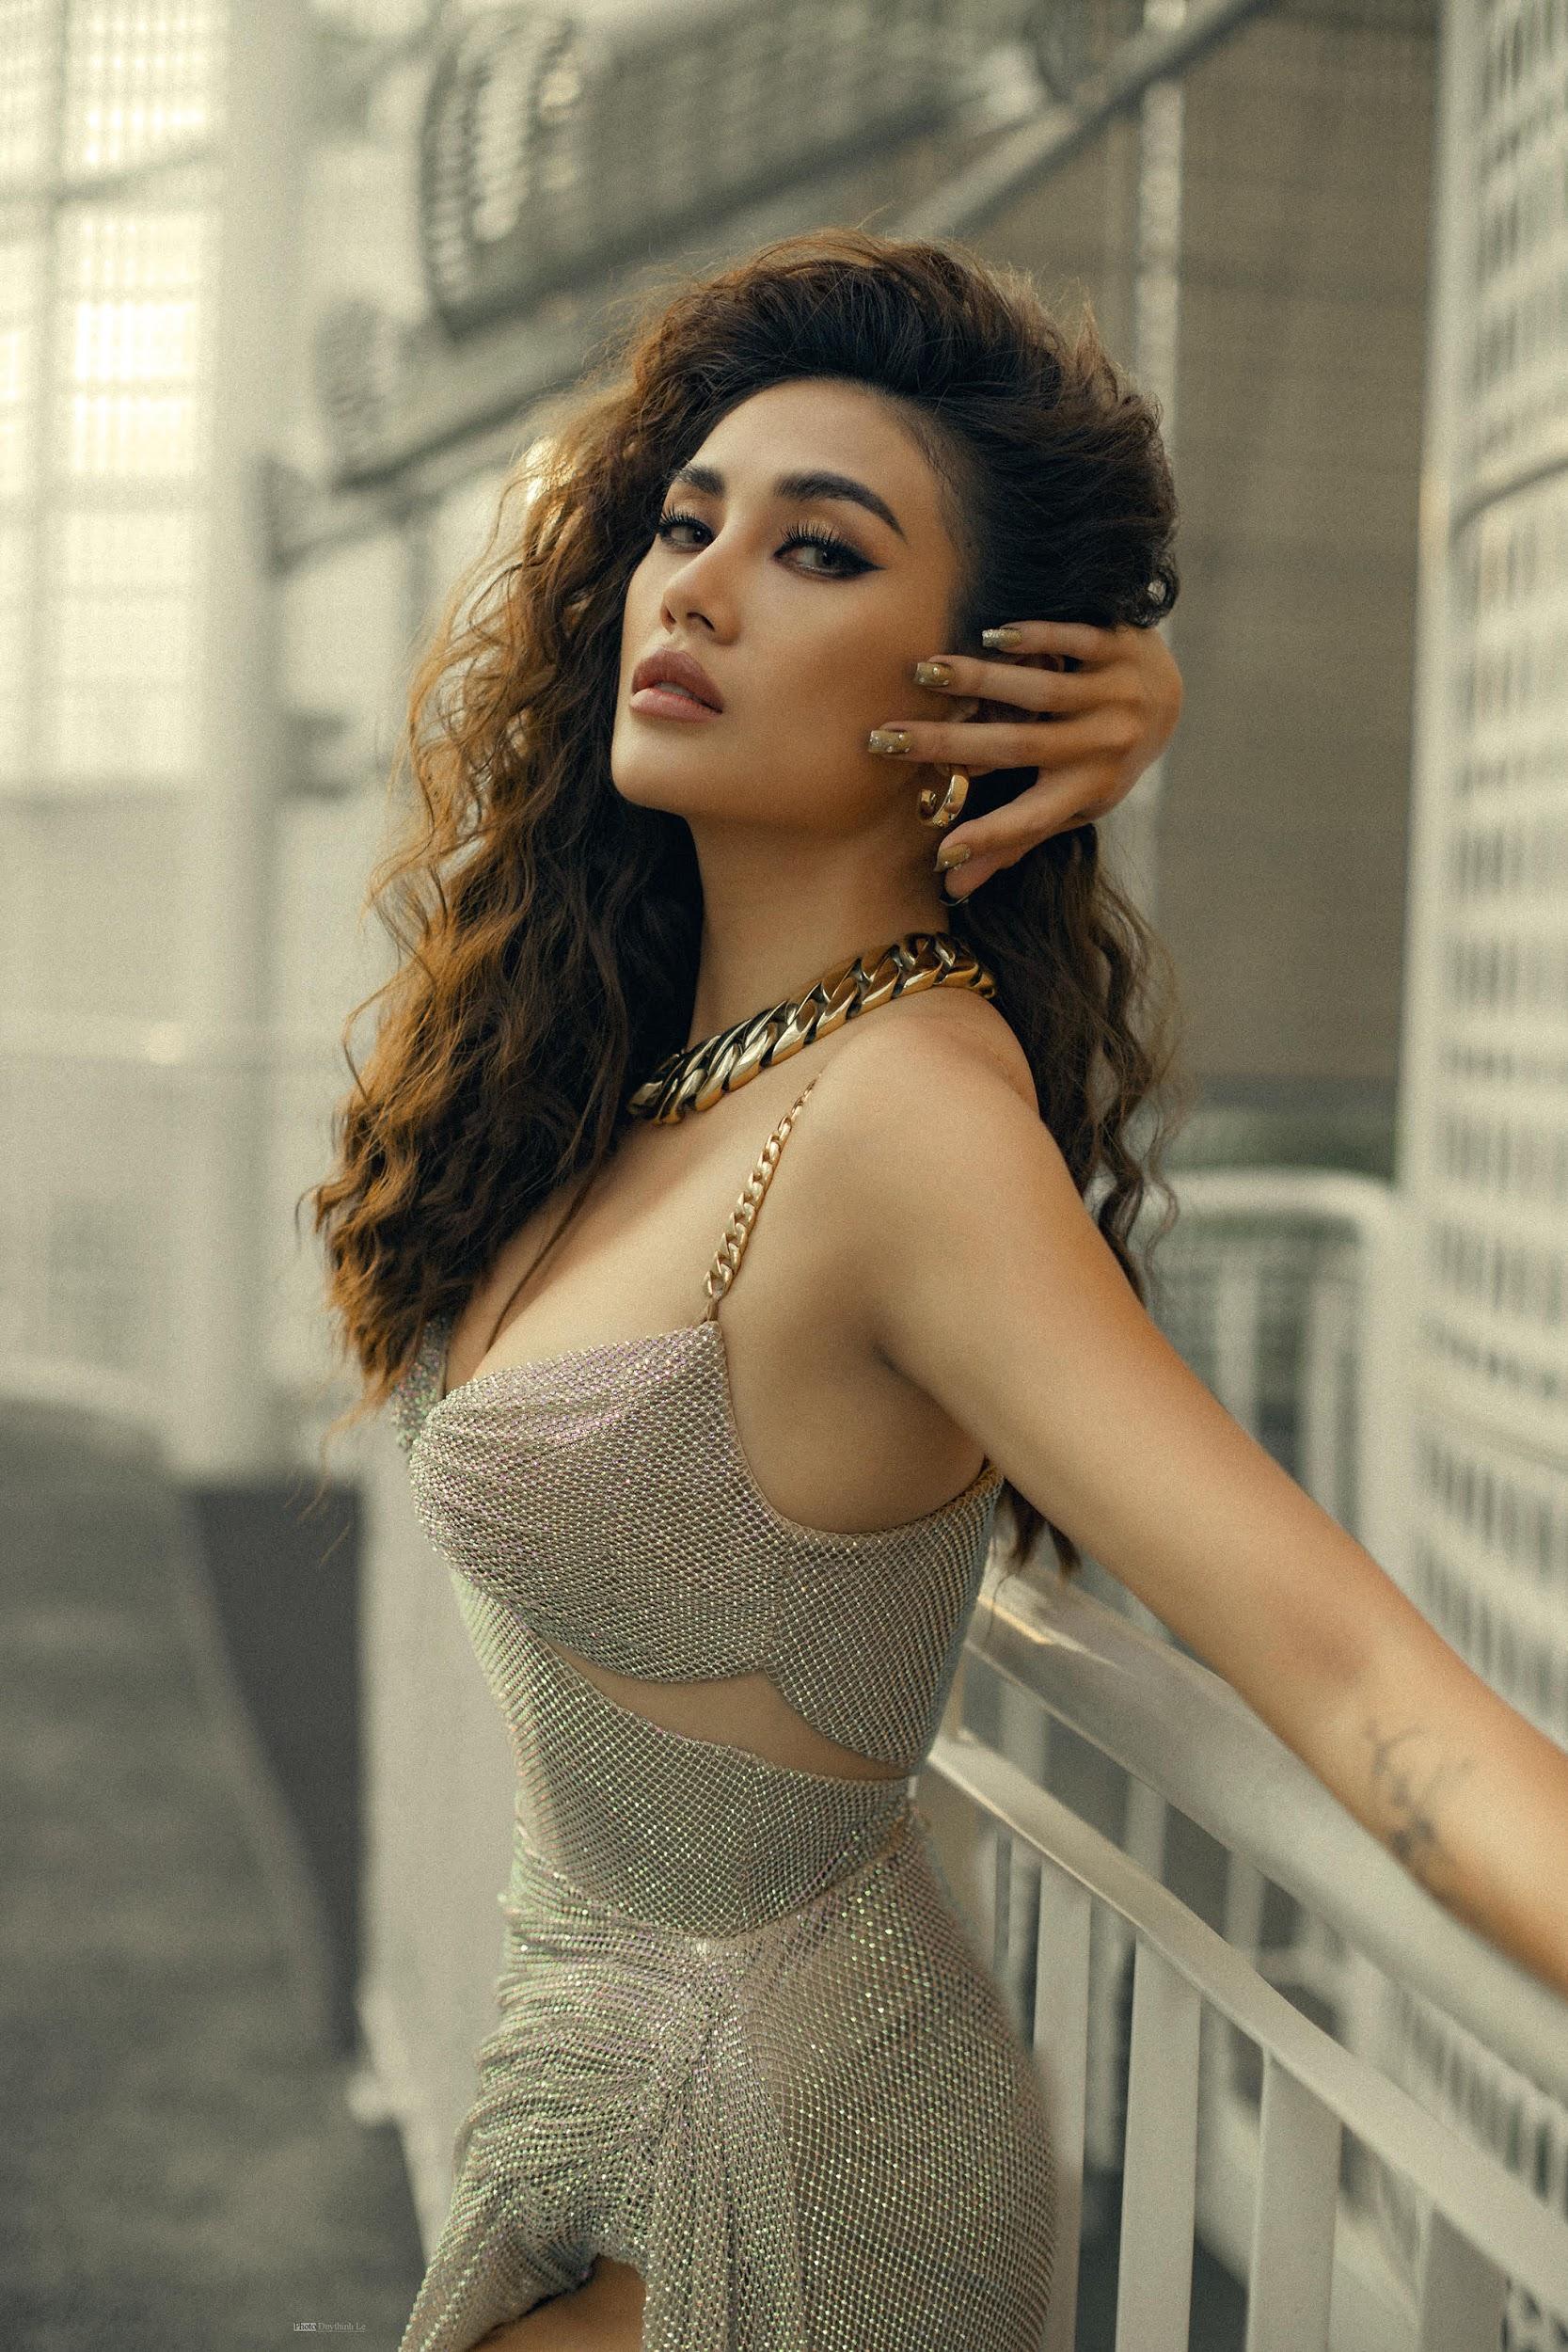 Đầu tư khủng không kém gì váy áo chính là kiểu tóc của dàn mỹ nhân Việt: Tẩy, uốn, vuốt keo, đính phụ kiện đều đủ cả - Ảnh 1.